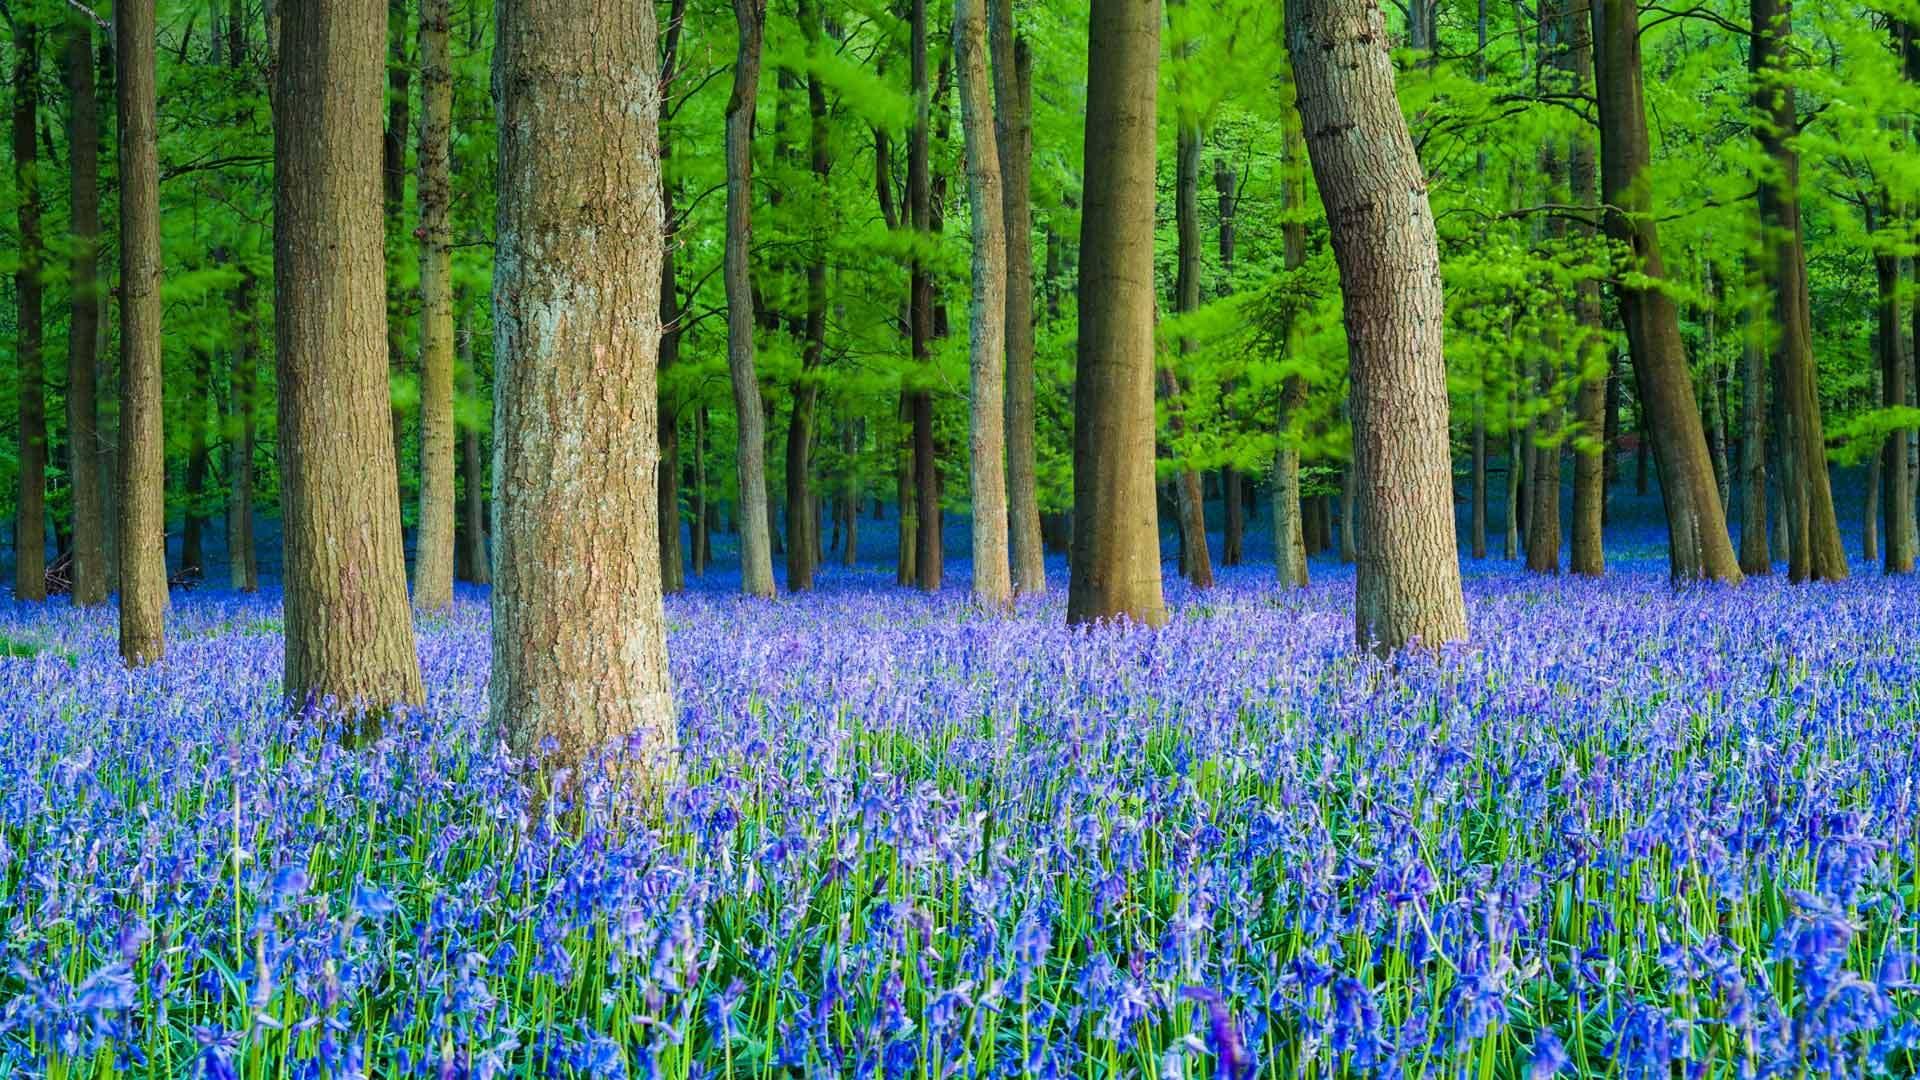 山毛榉树林里的蓝铃花